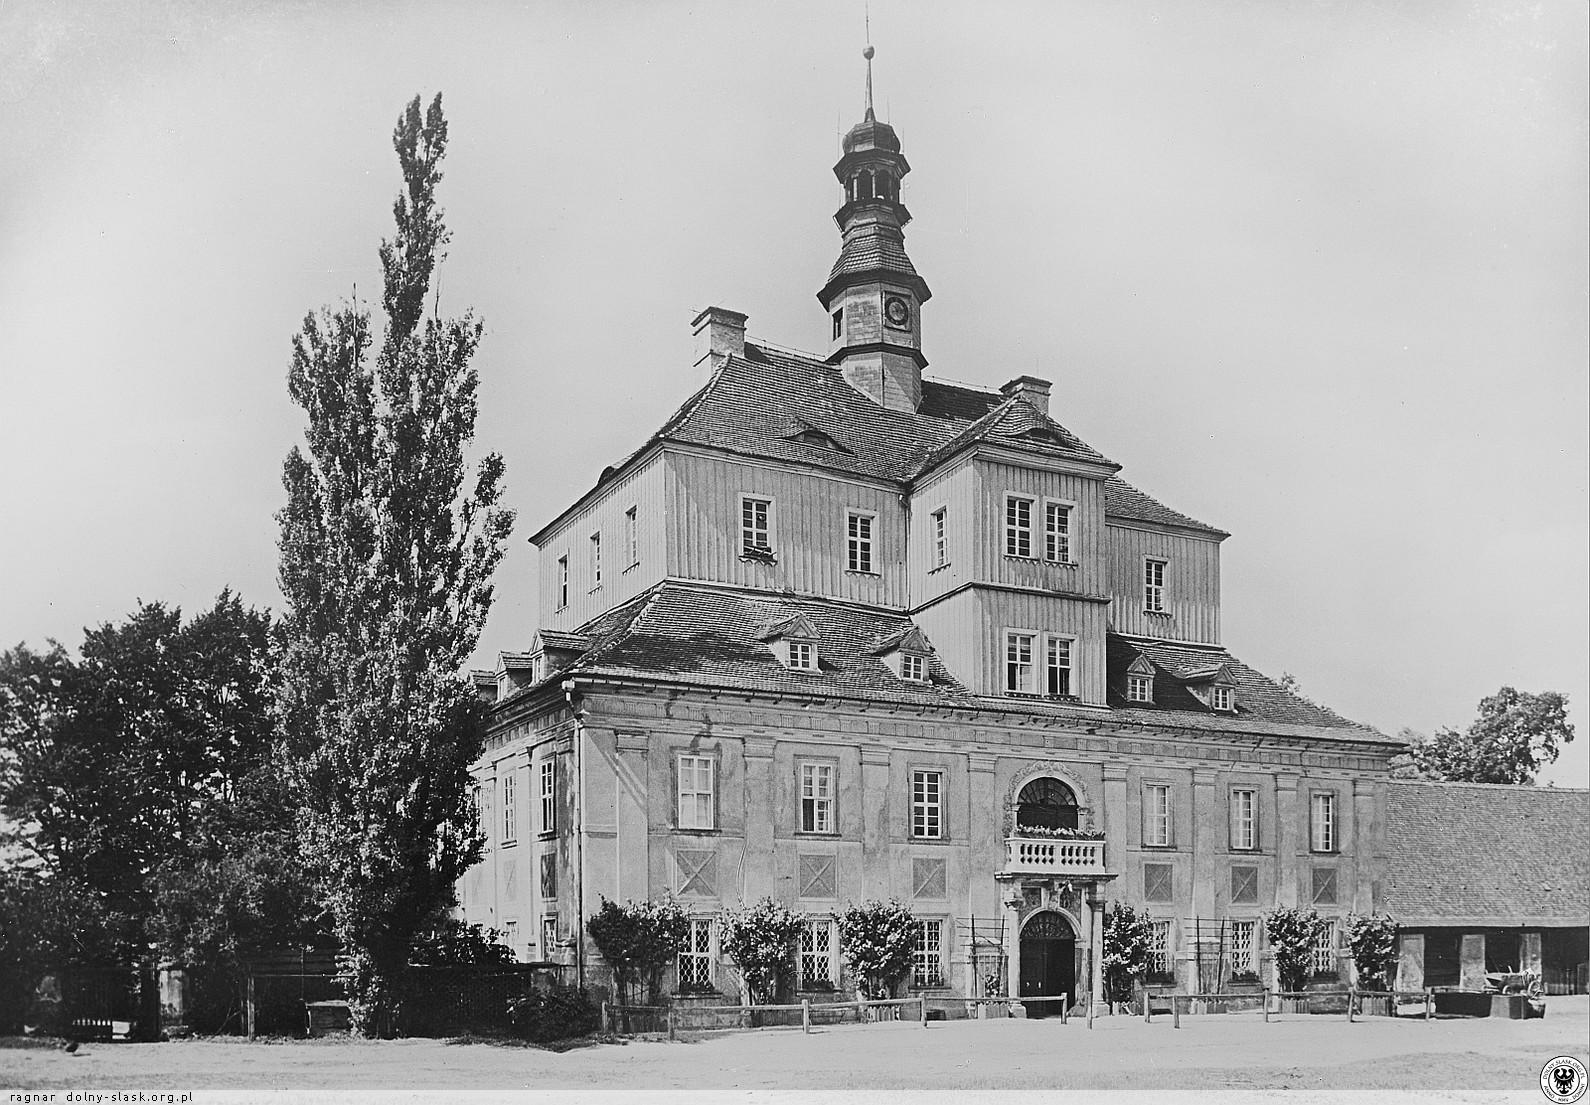 Pałac w Gościszowie (dawny), Gościszów (nie istnieje)